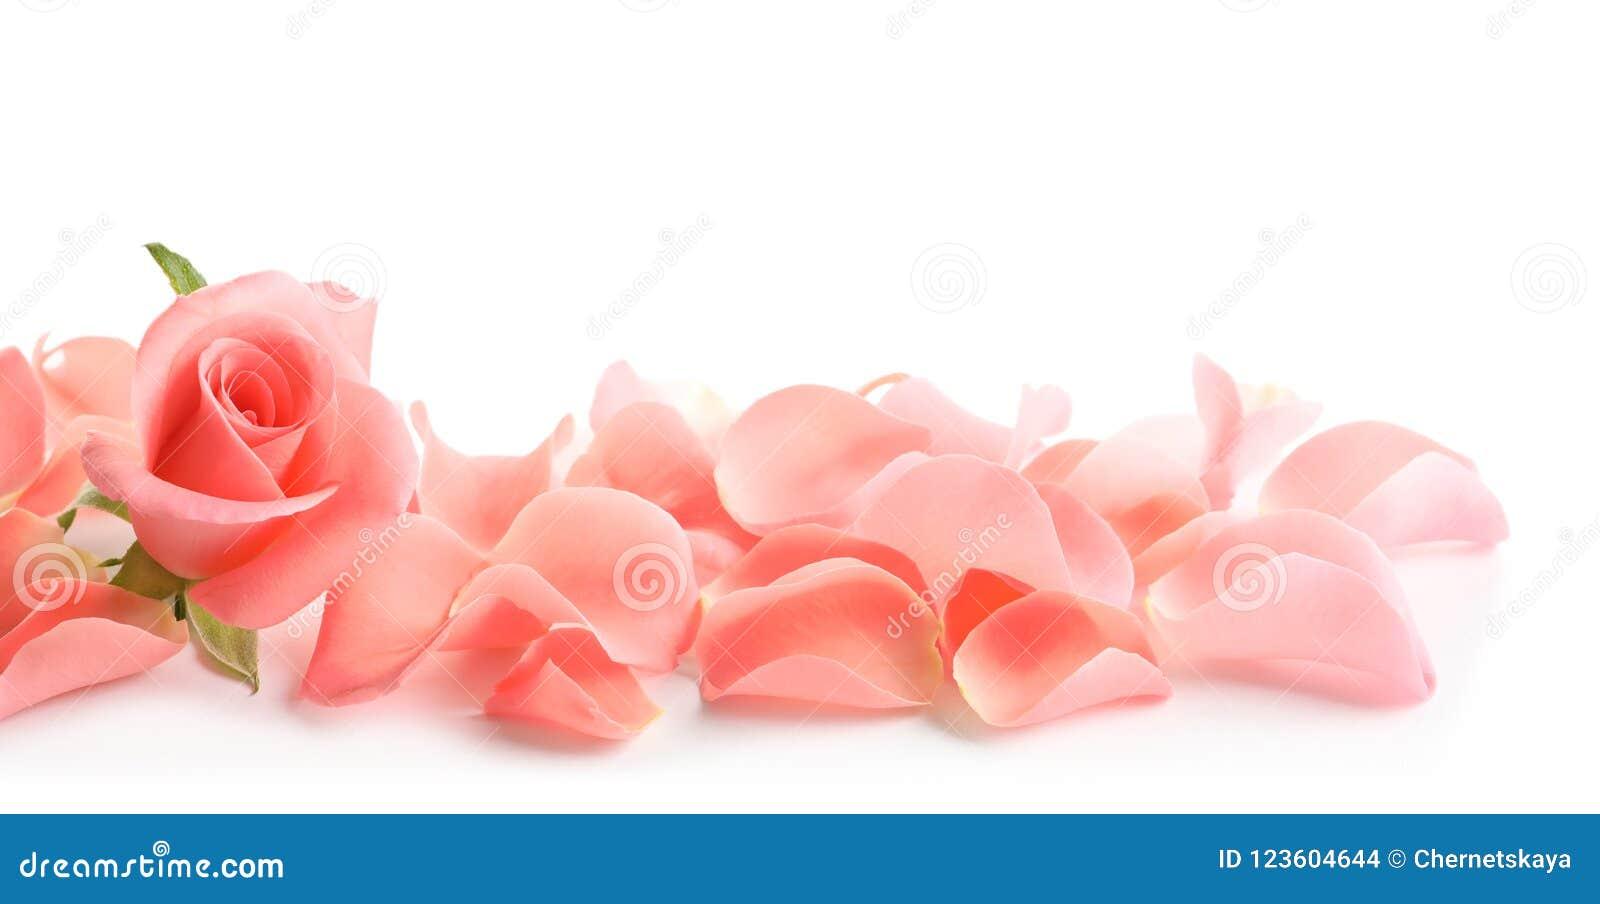 Mooi nam en bloemblaadjes toe